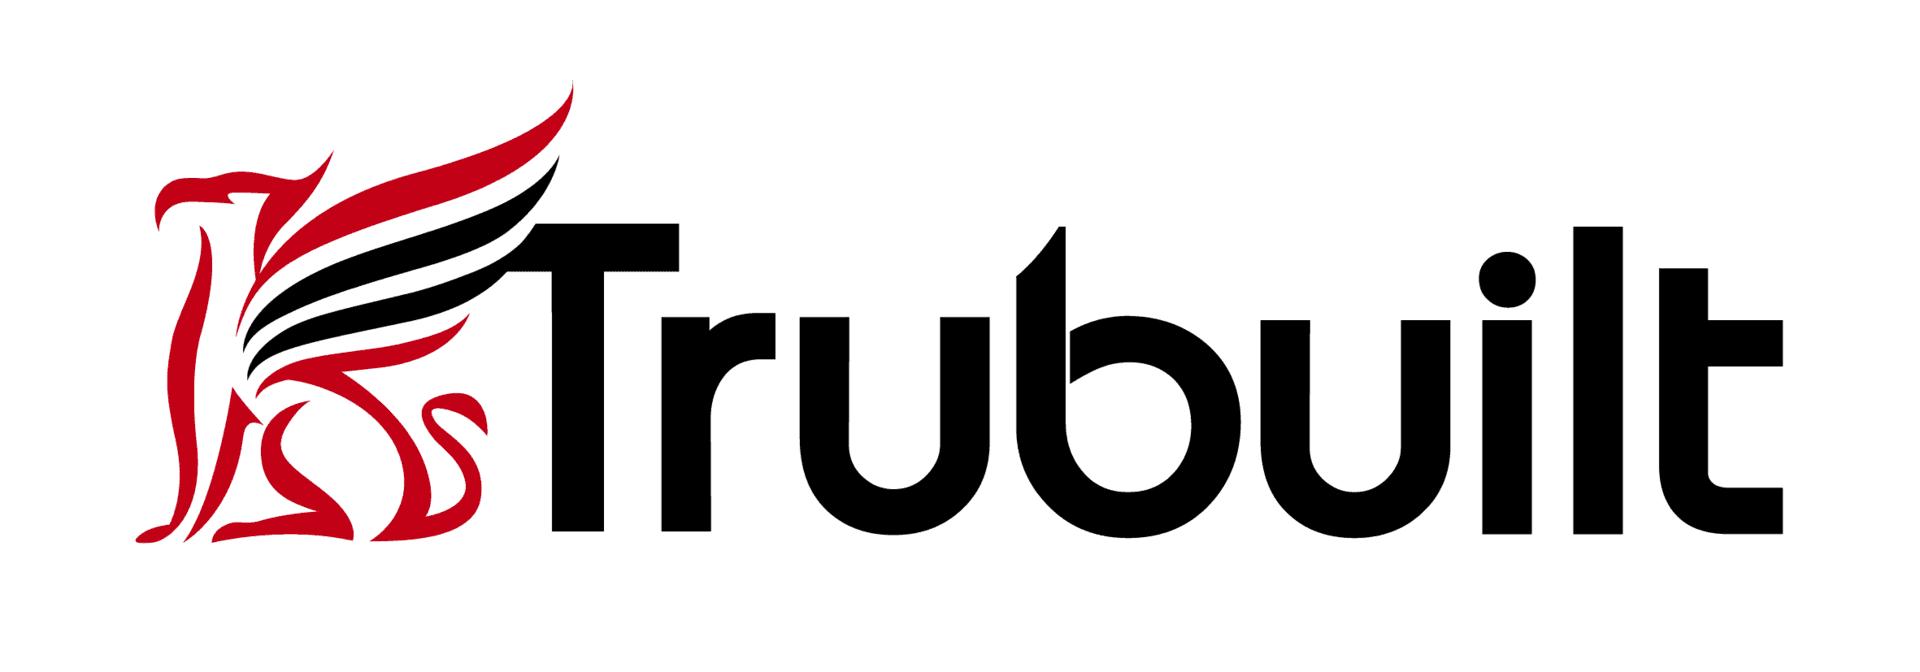 (c) Trubuilt.ca